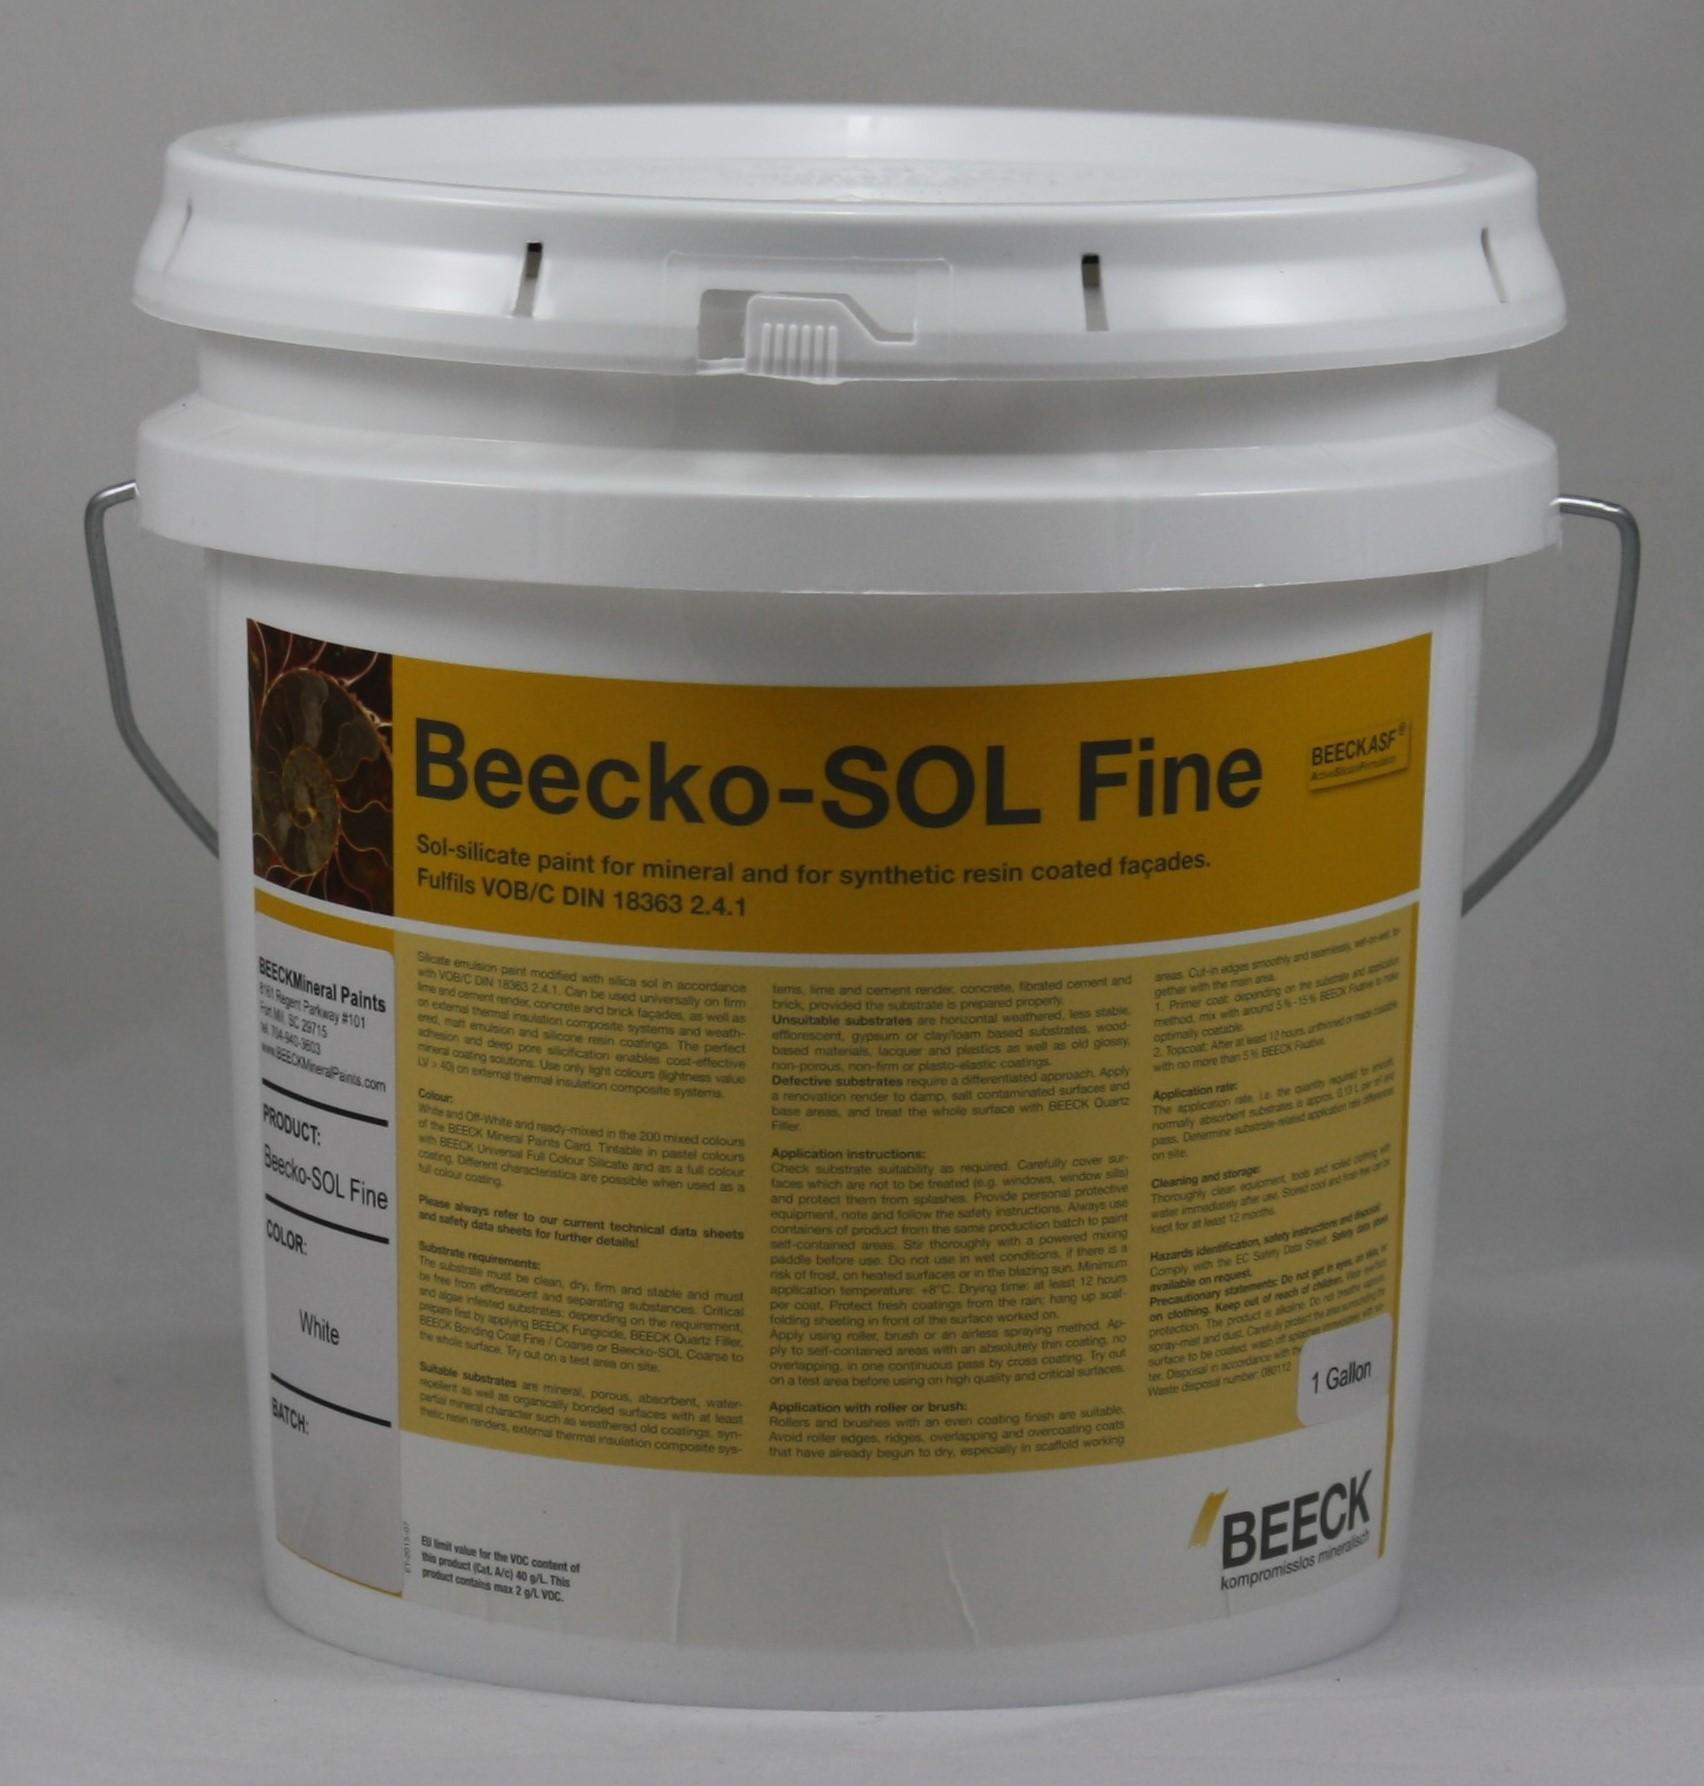 BEECKO-SOL Fine.jpg